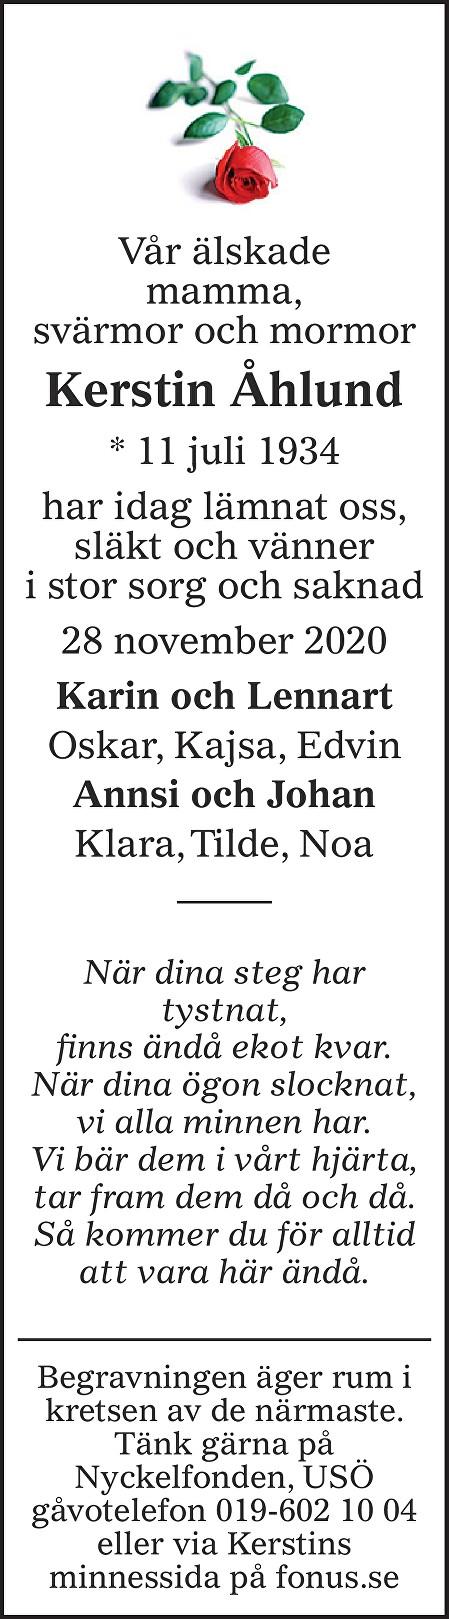 Kerstin Åhlund Death notice